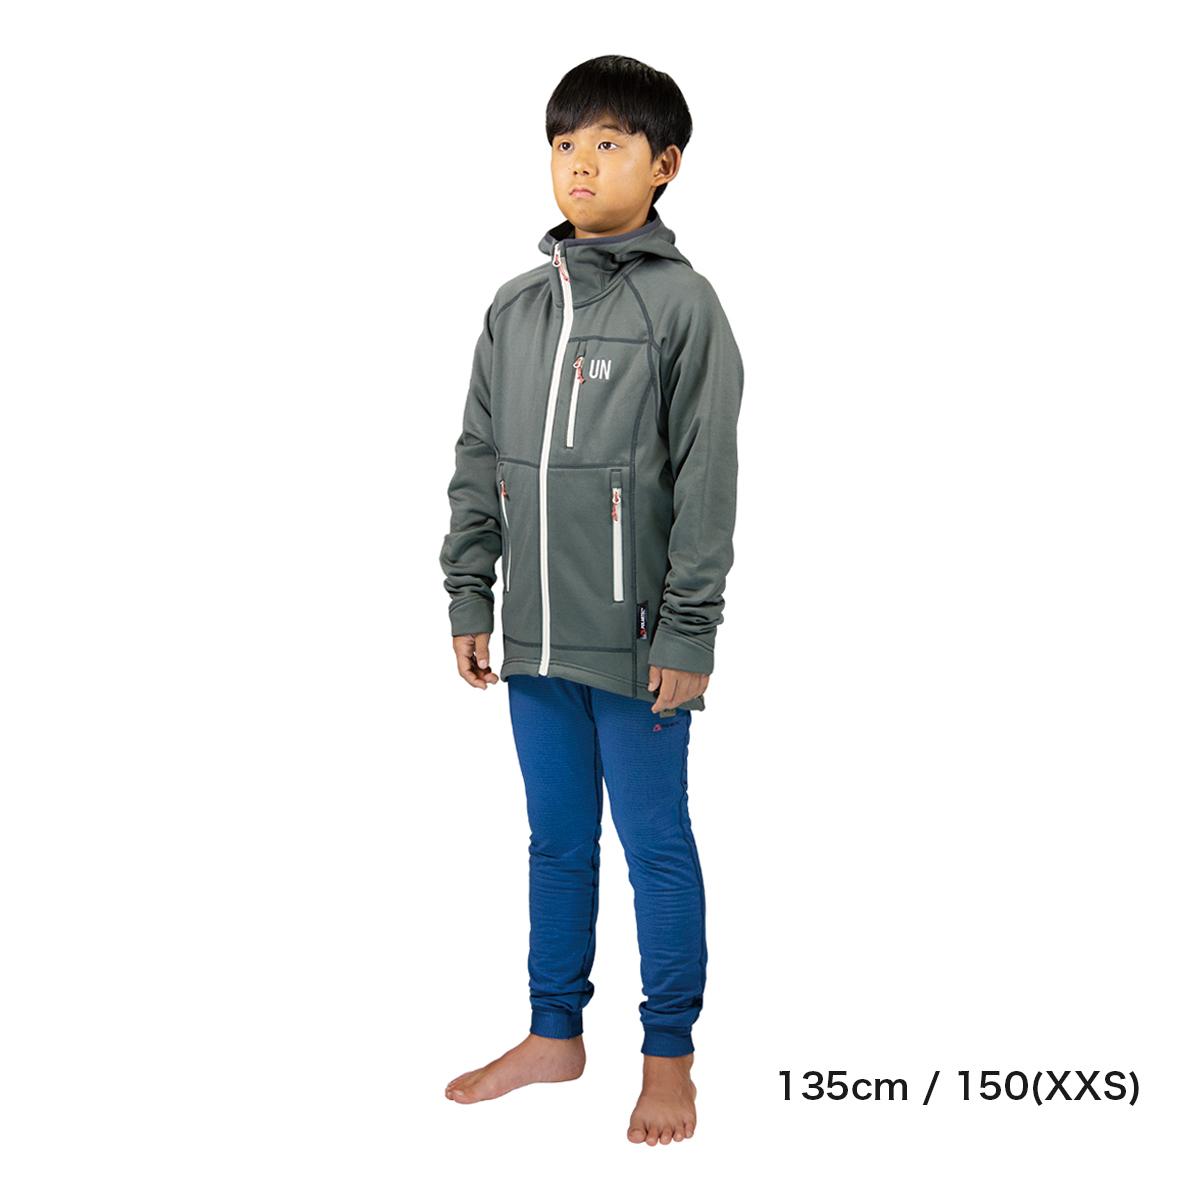 Kids 130 / UN3100 Mid weight fleece hoody / Charcoal